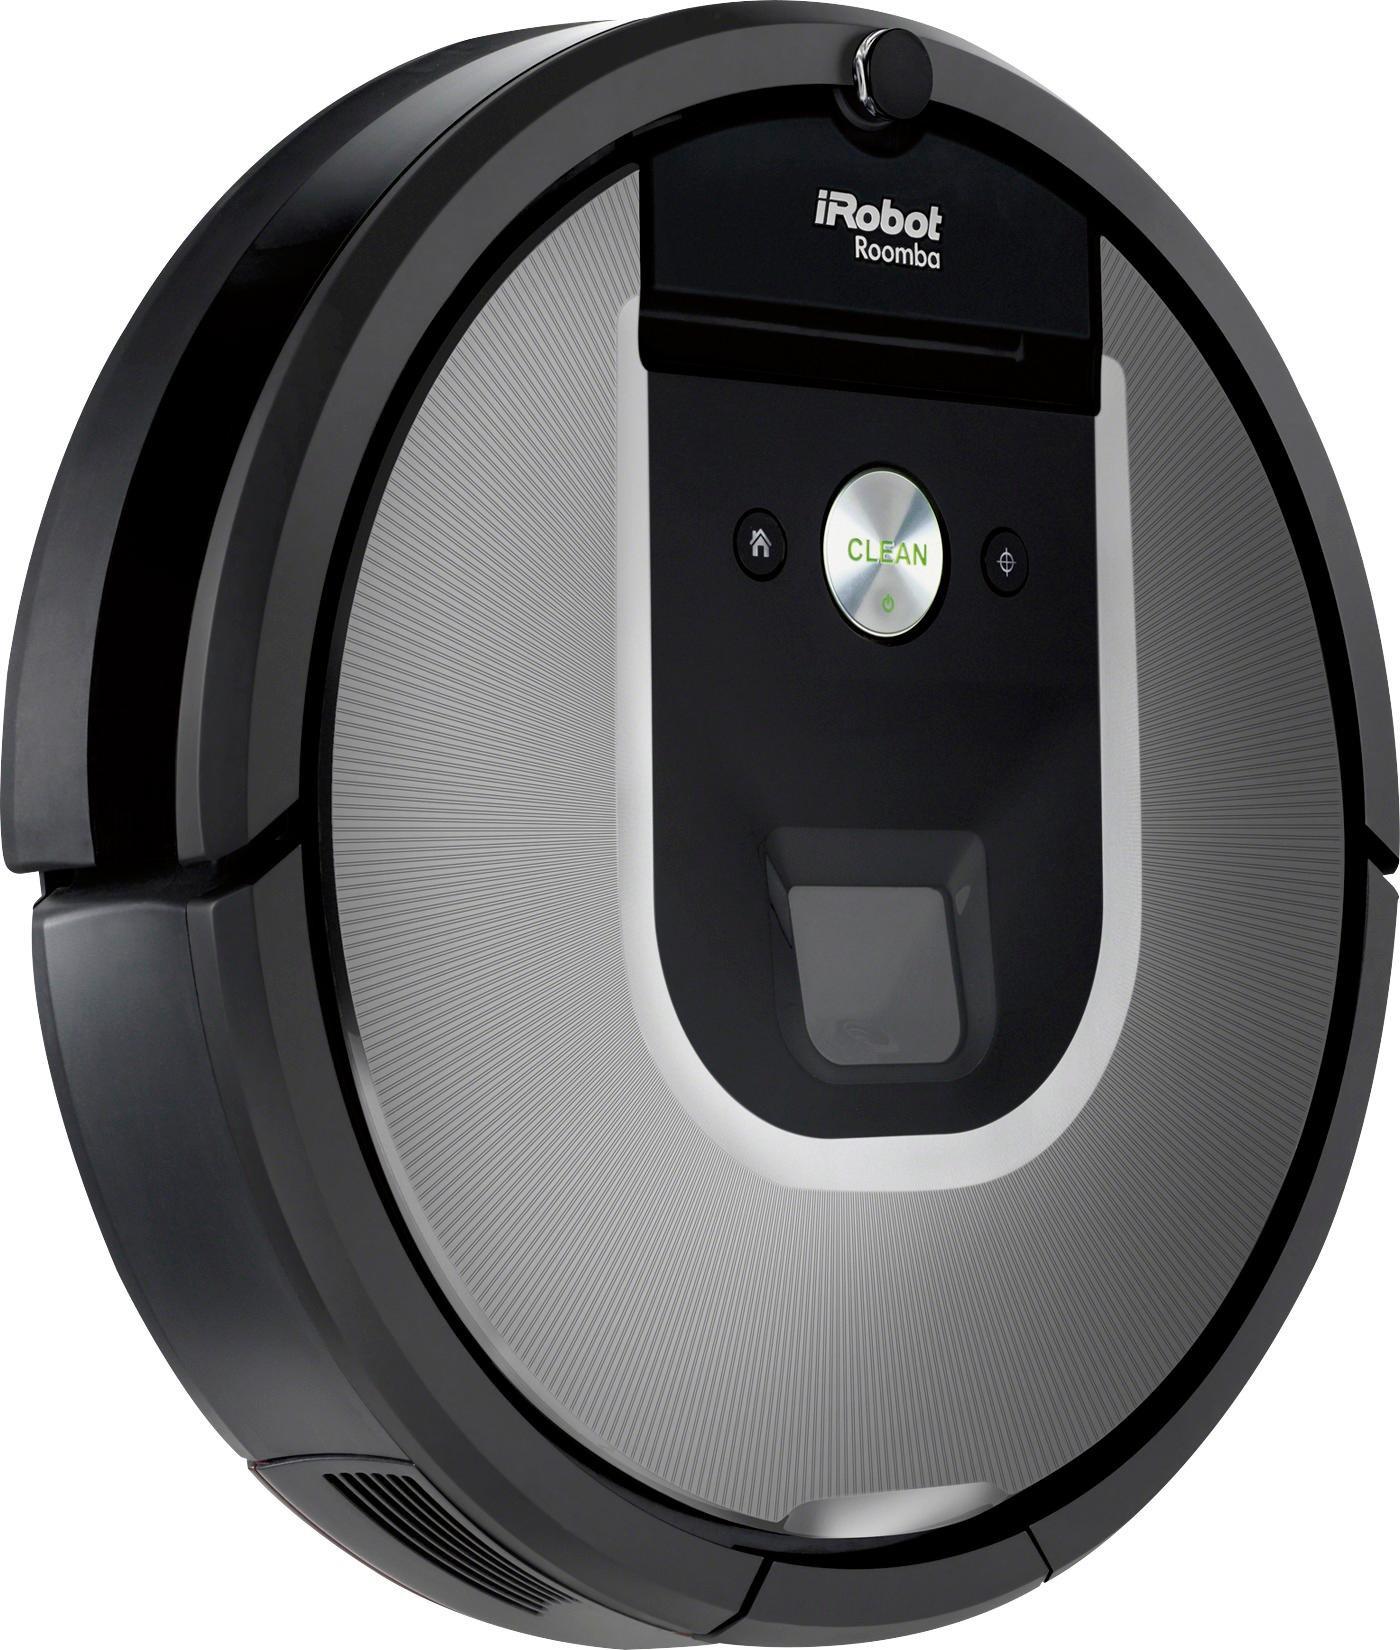 iRobot Roomba 960 (Warehouse)